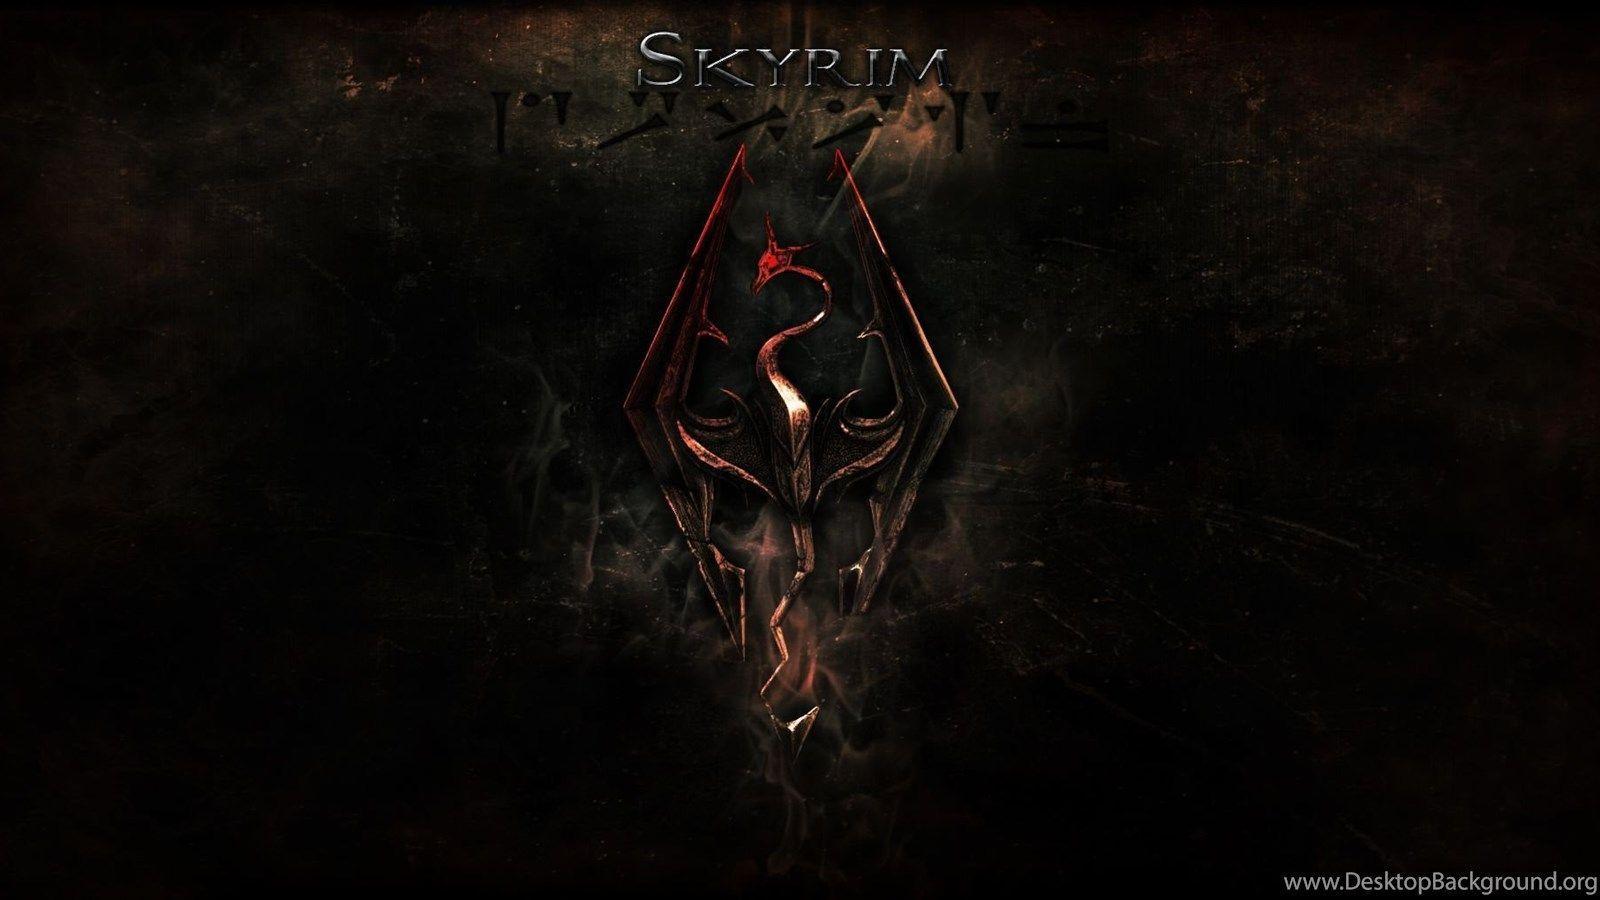 Skyrim Logo Wallpapers Top Free Skyrim Logo Backgrounds